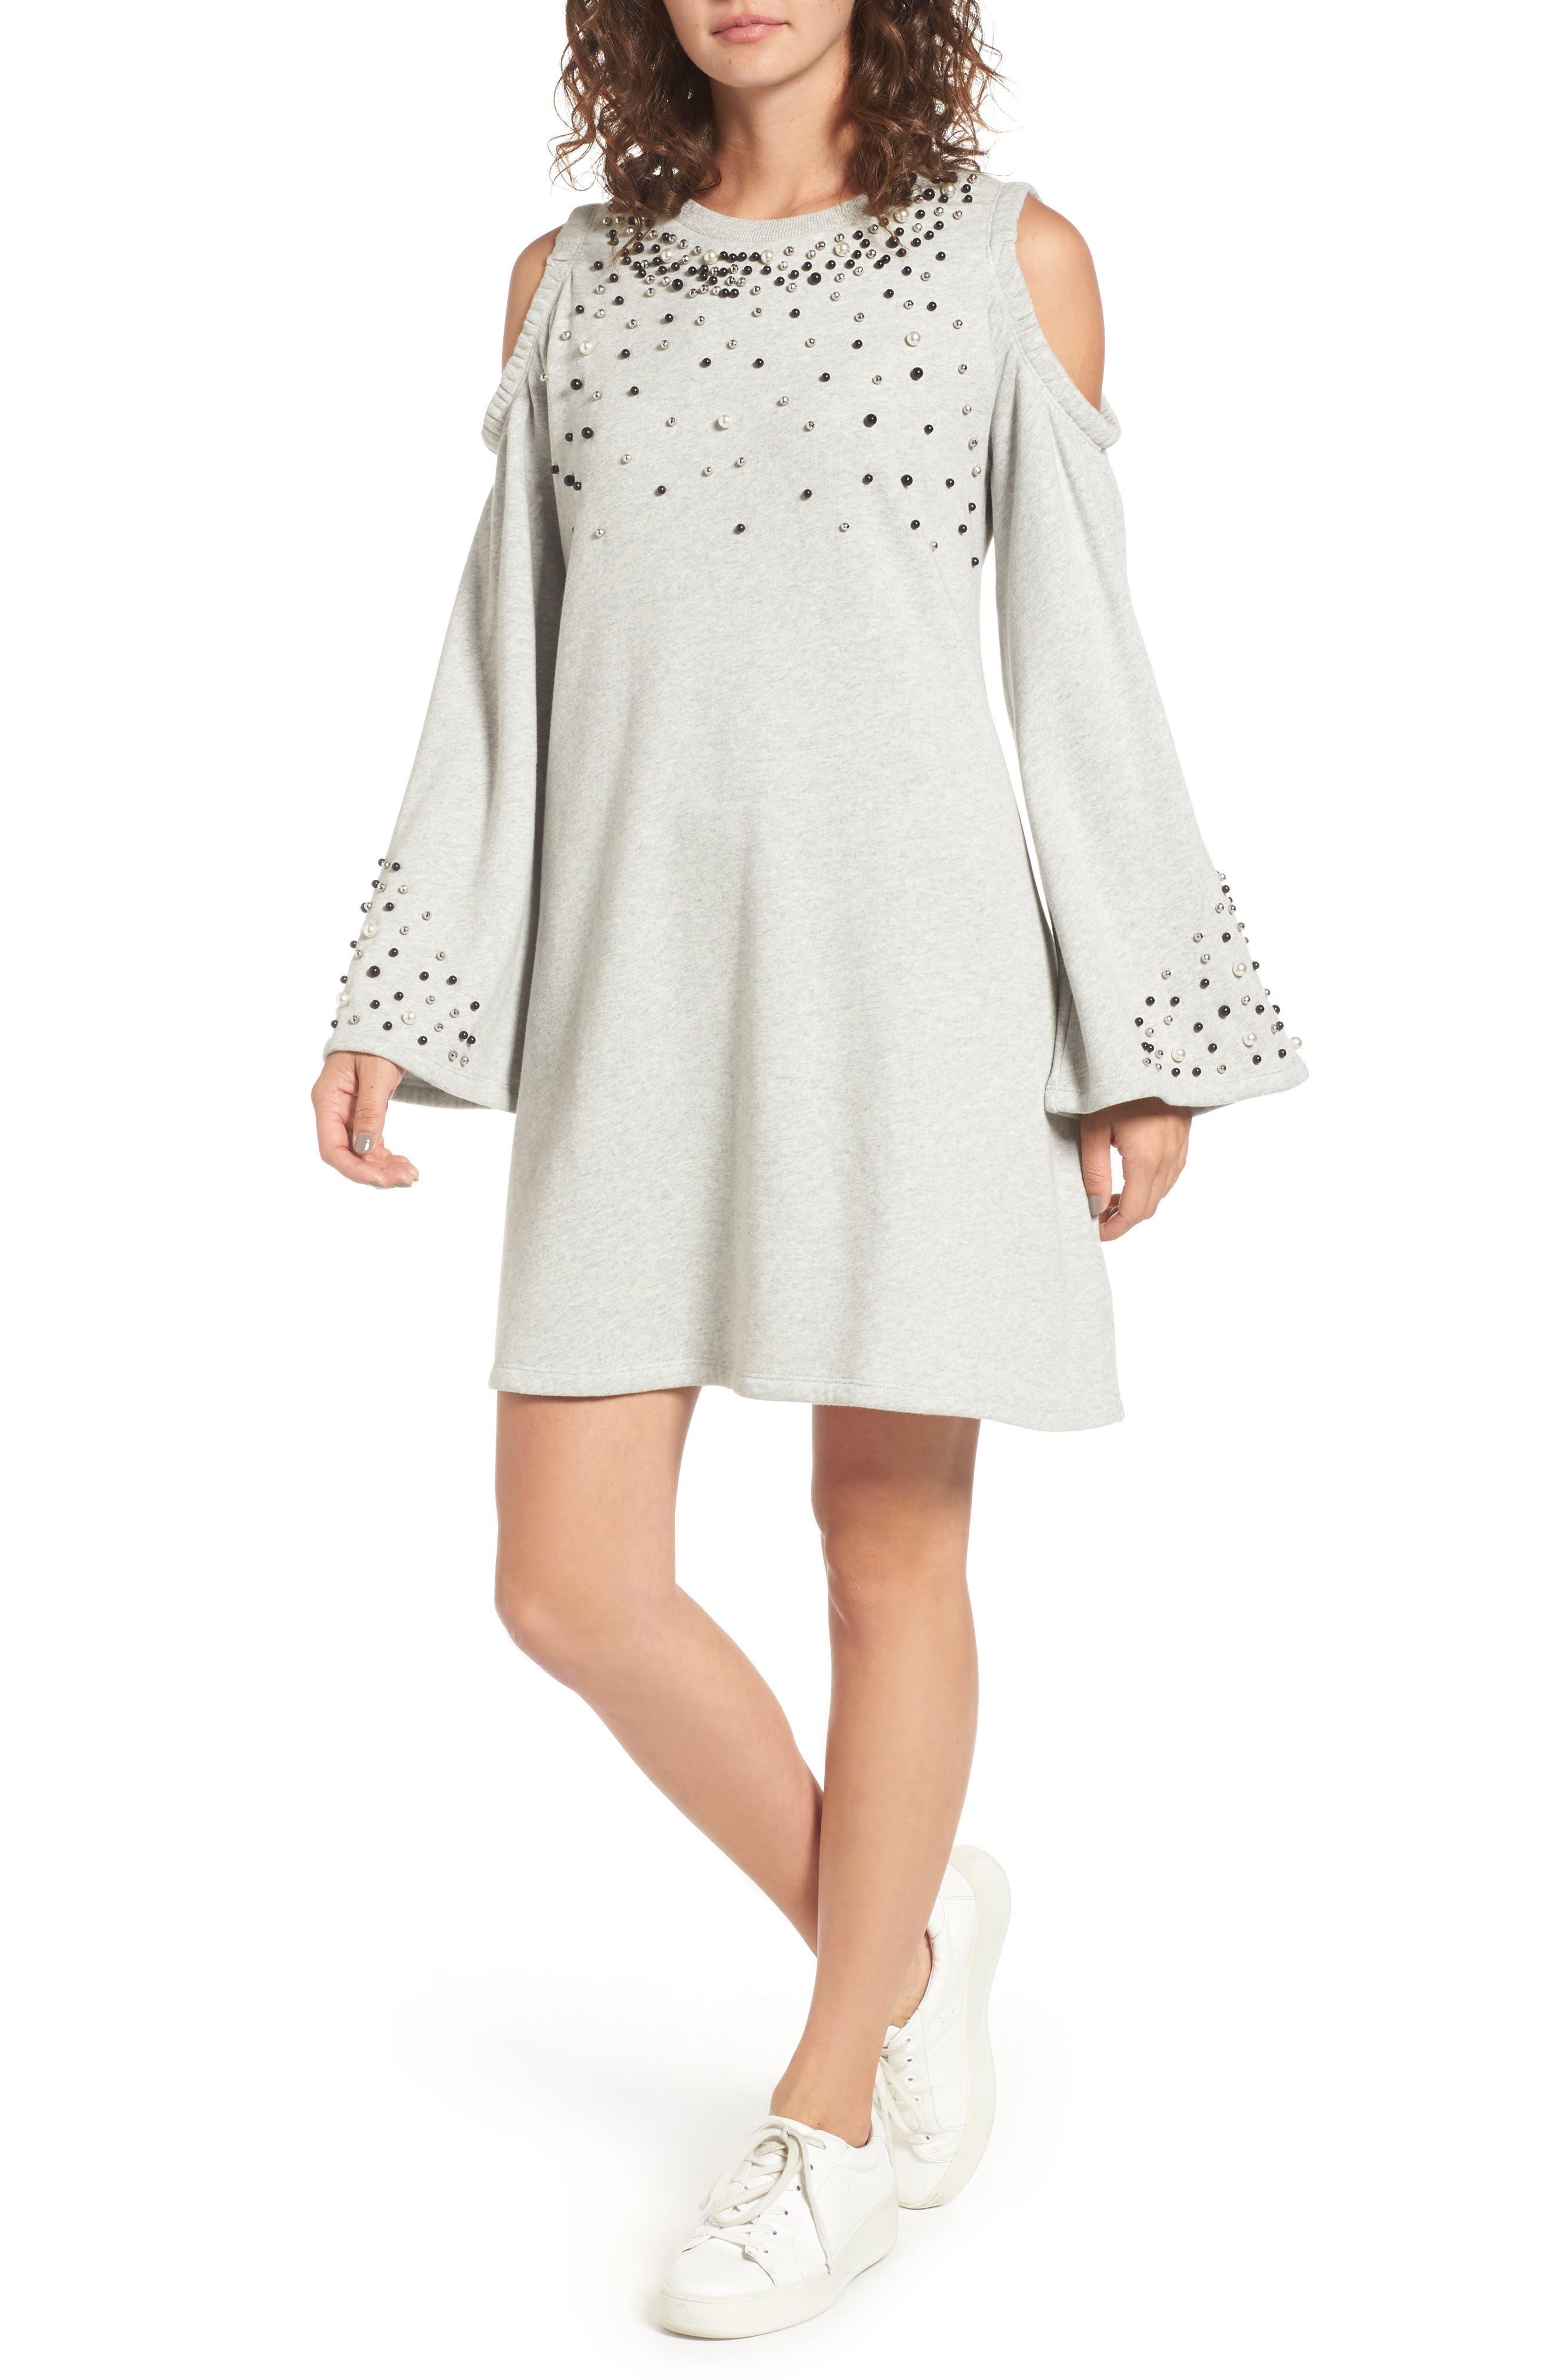 Alternate Image 1 Selected - BP. Embellished Cold Shoulder Sweatshirt Dress